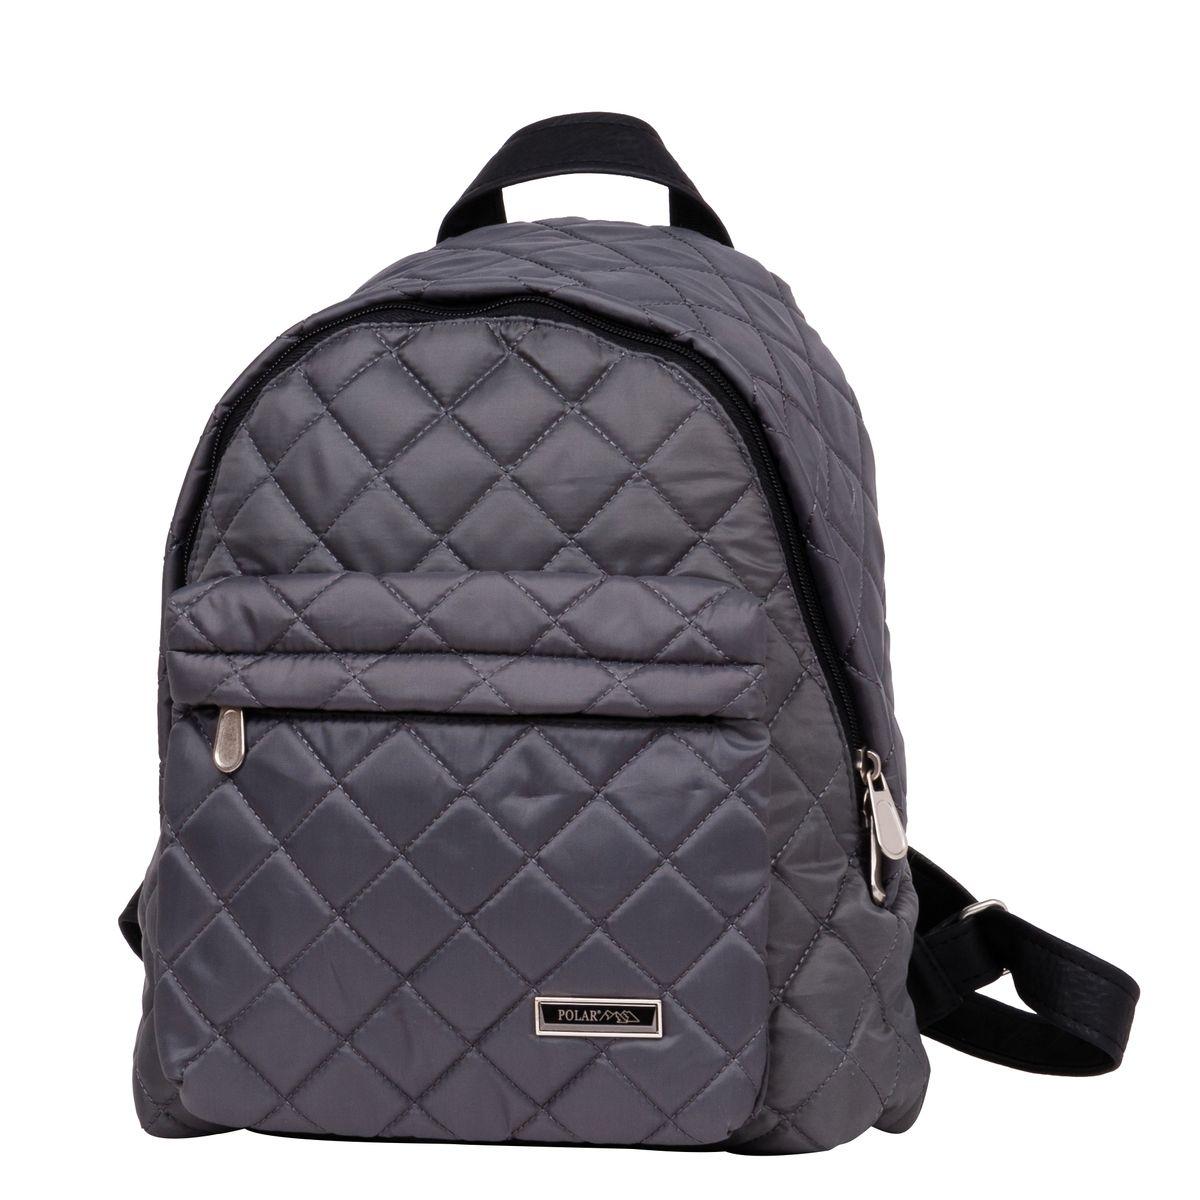 Рюкзак городской Polar, цвет: серый, 16 л. п7074-06 рюкзак городской polar цвет светло серый 13 л к9276